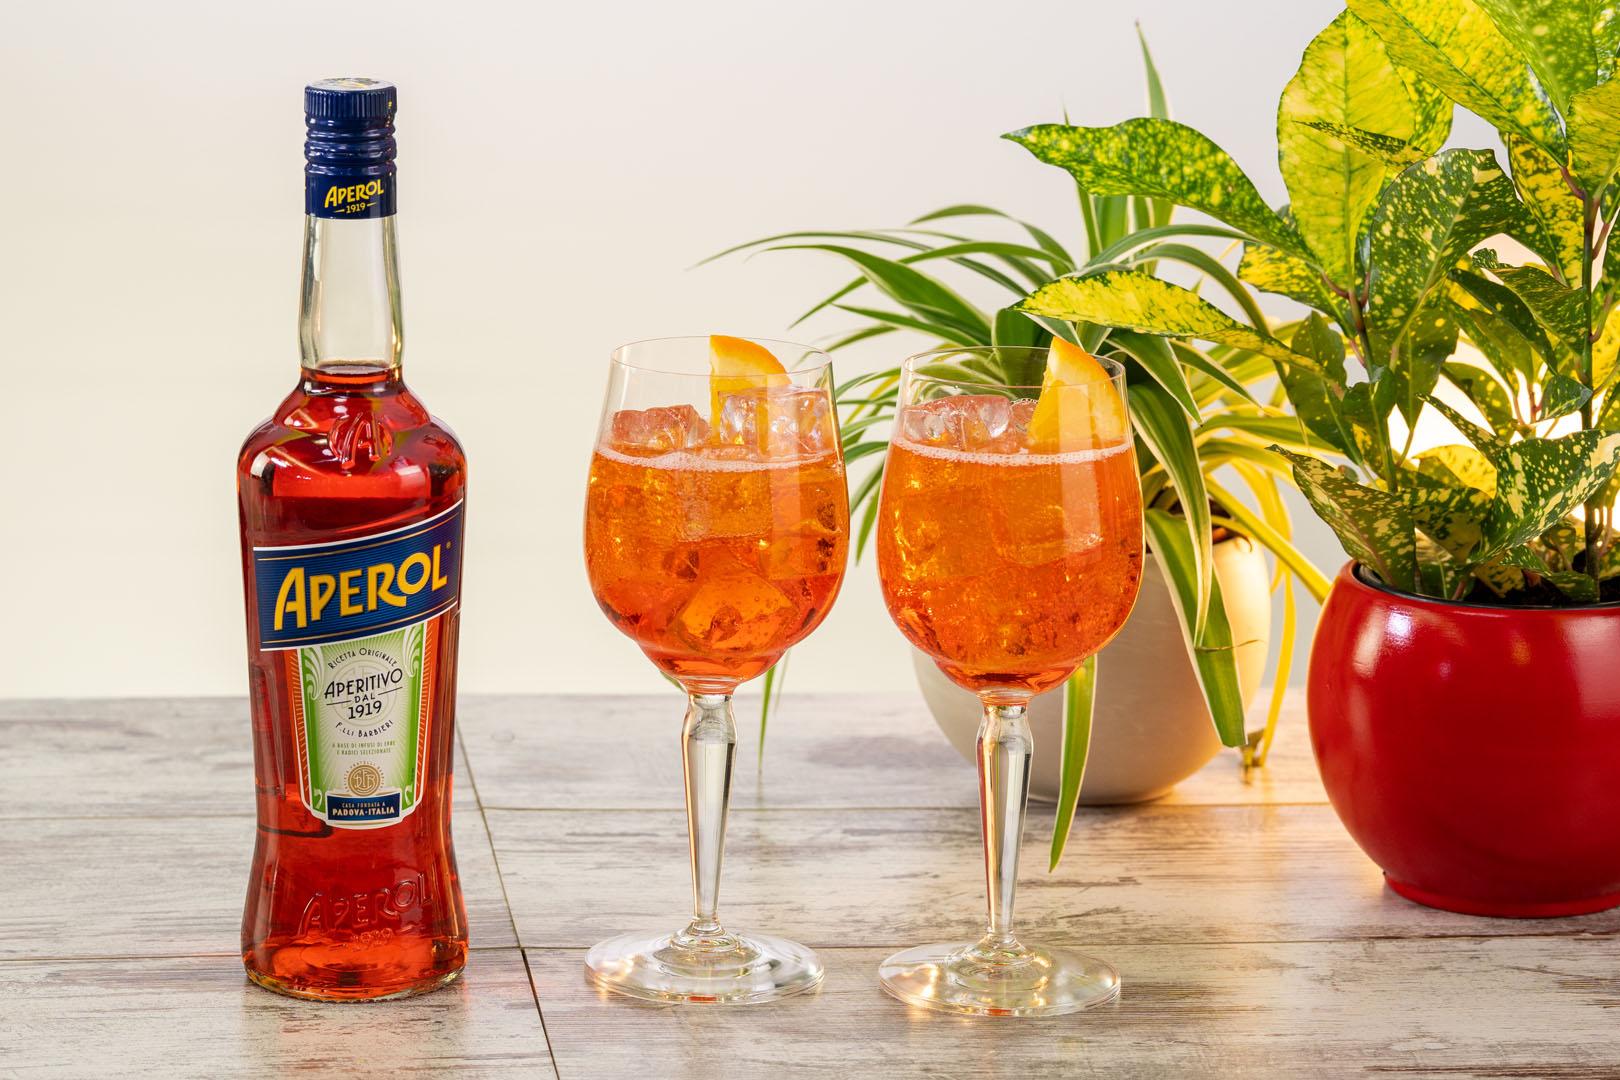 Spritz Aperol Veneto Ricetta.Aperol Spritz Ricetta E Curiosita Dell Iconico Cocktail Da Aperitivo Flawless Life The Lifestyle Guide